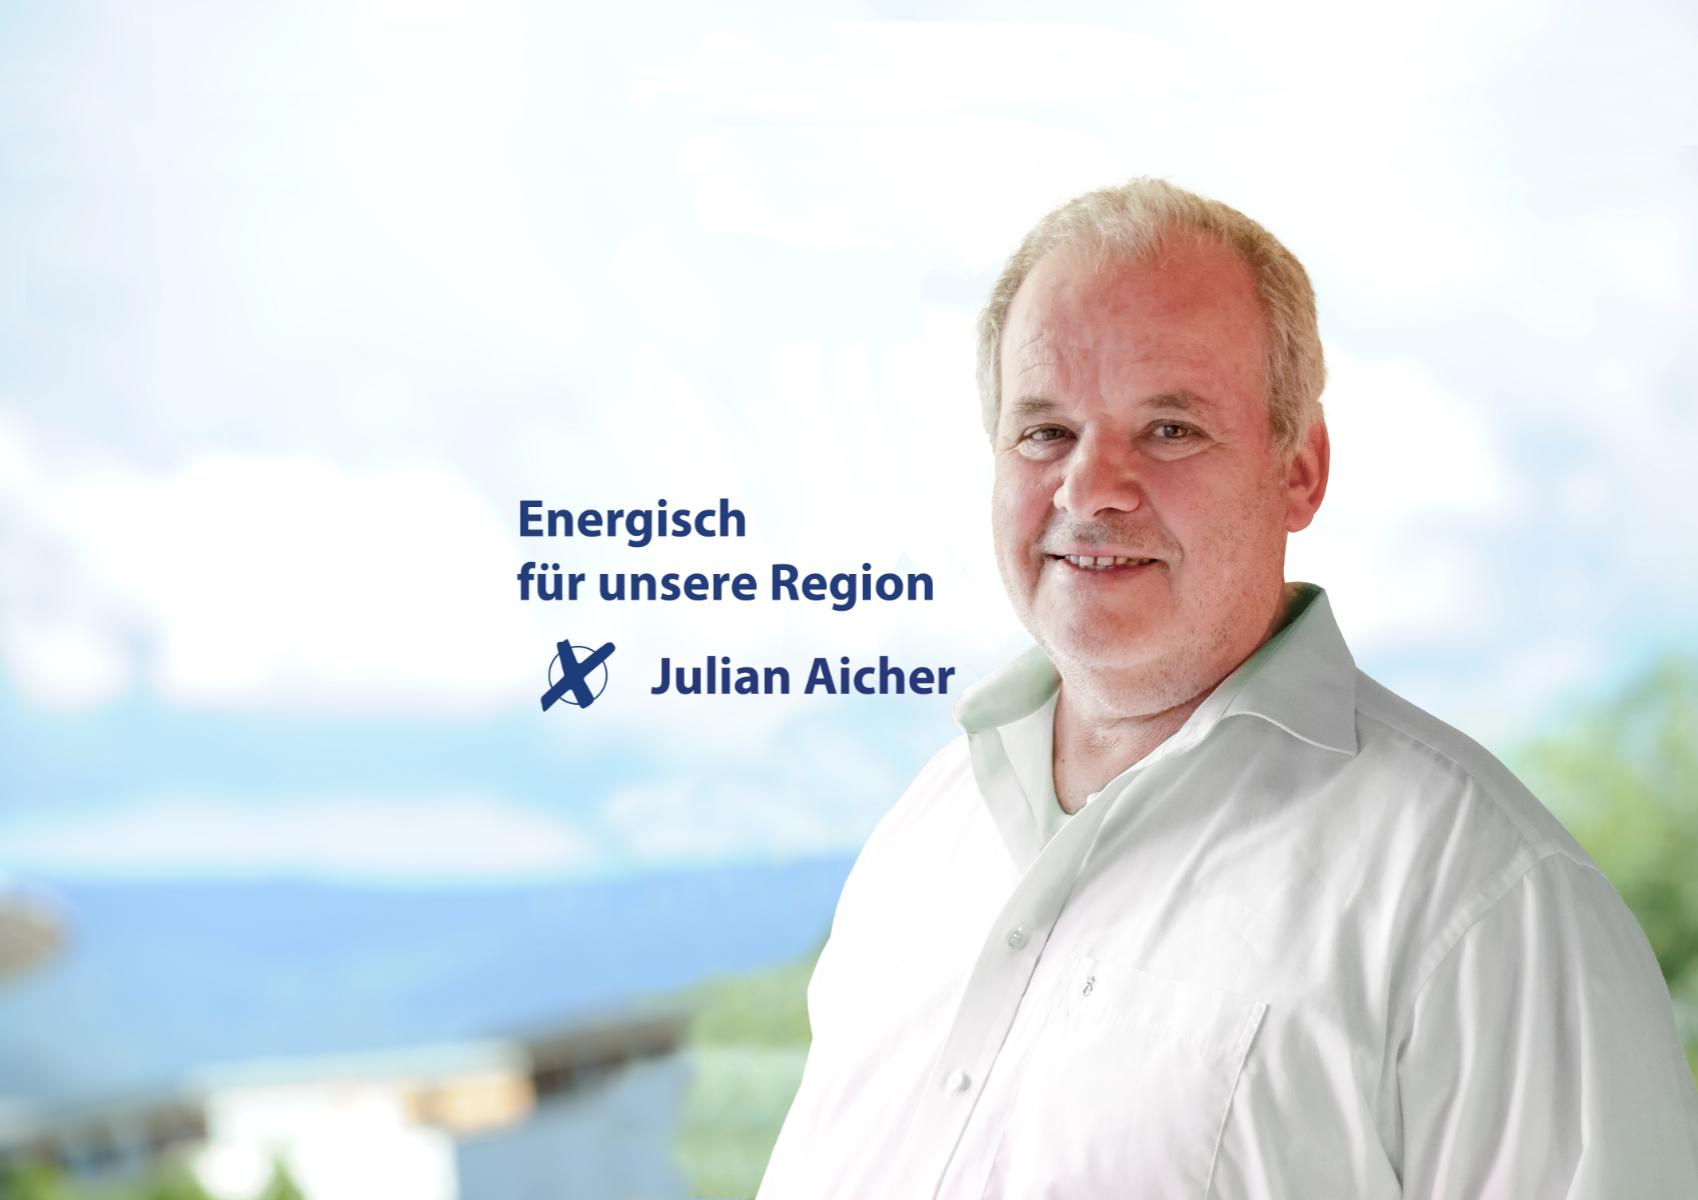 Julian Aicher